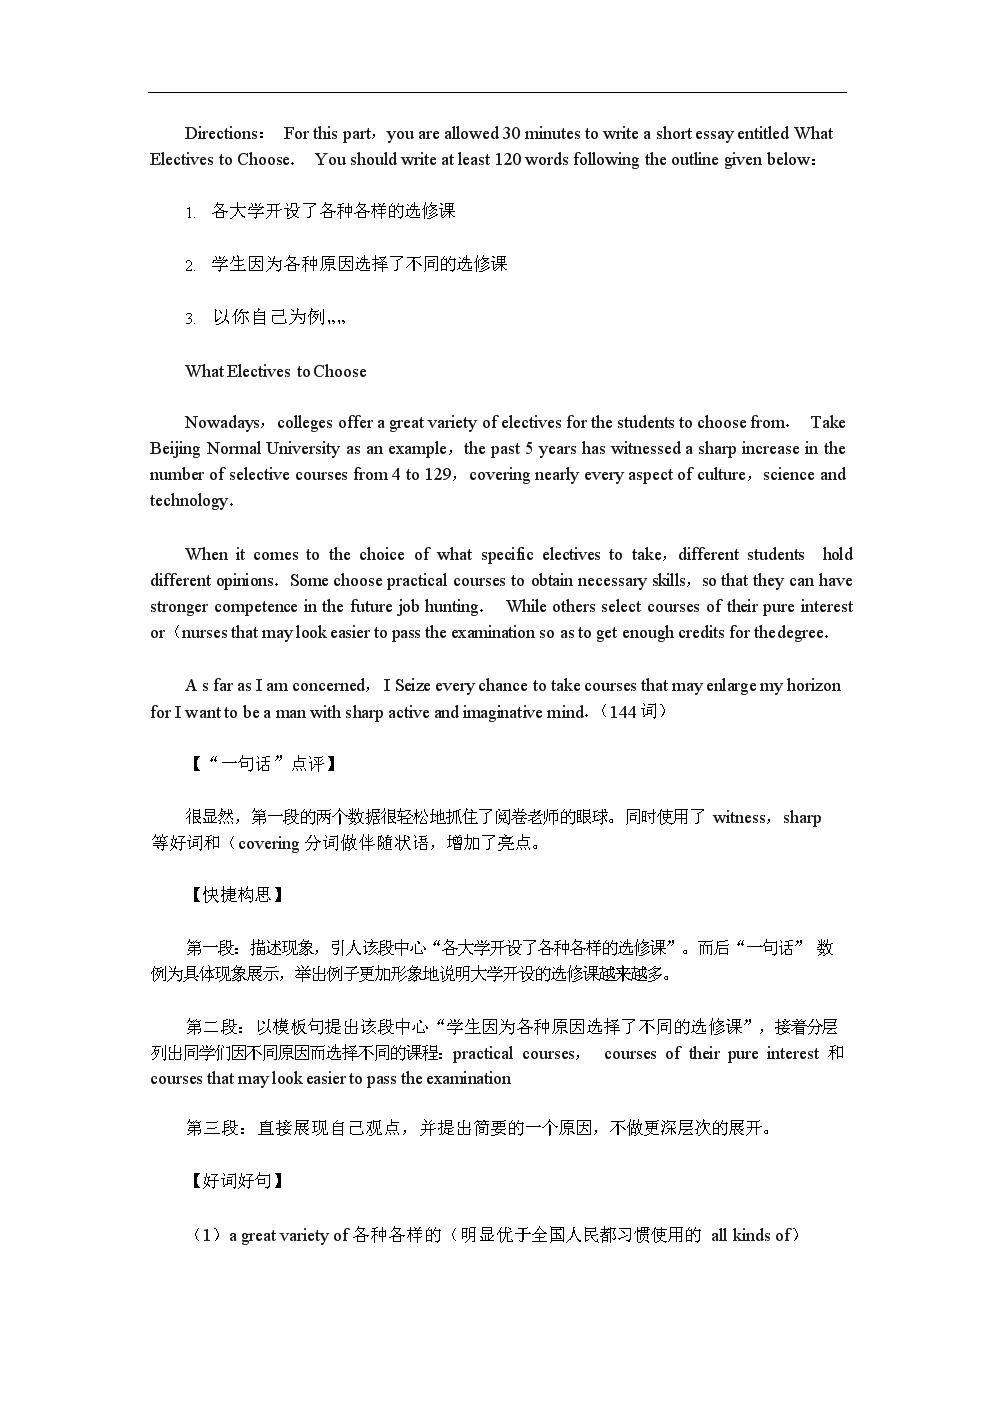 2016年英语四级作文分类指导(1).docx